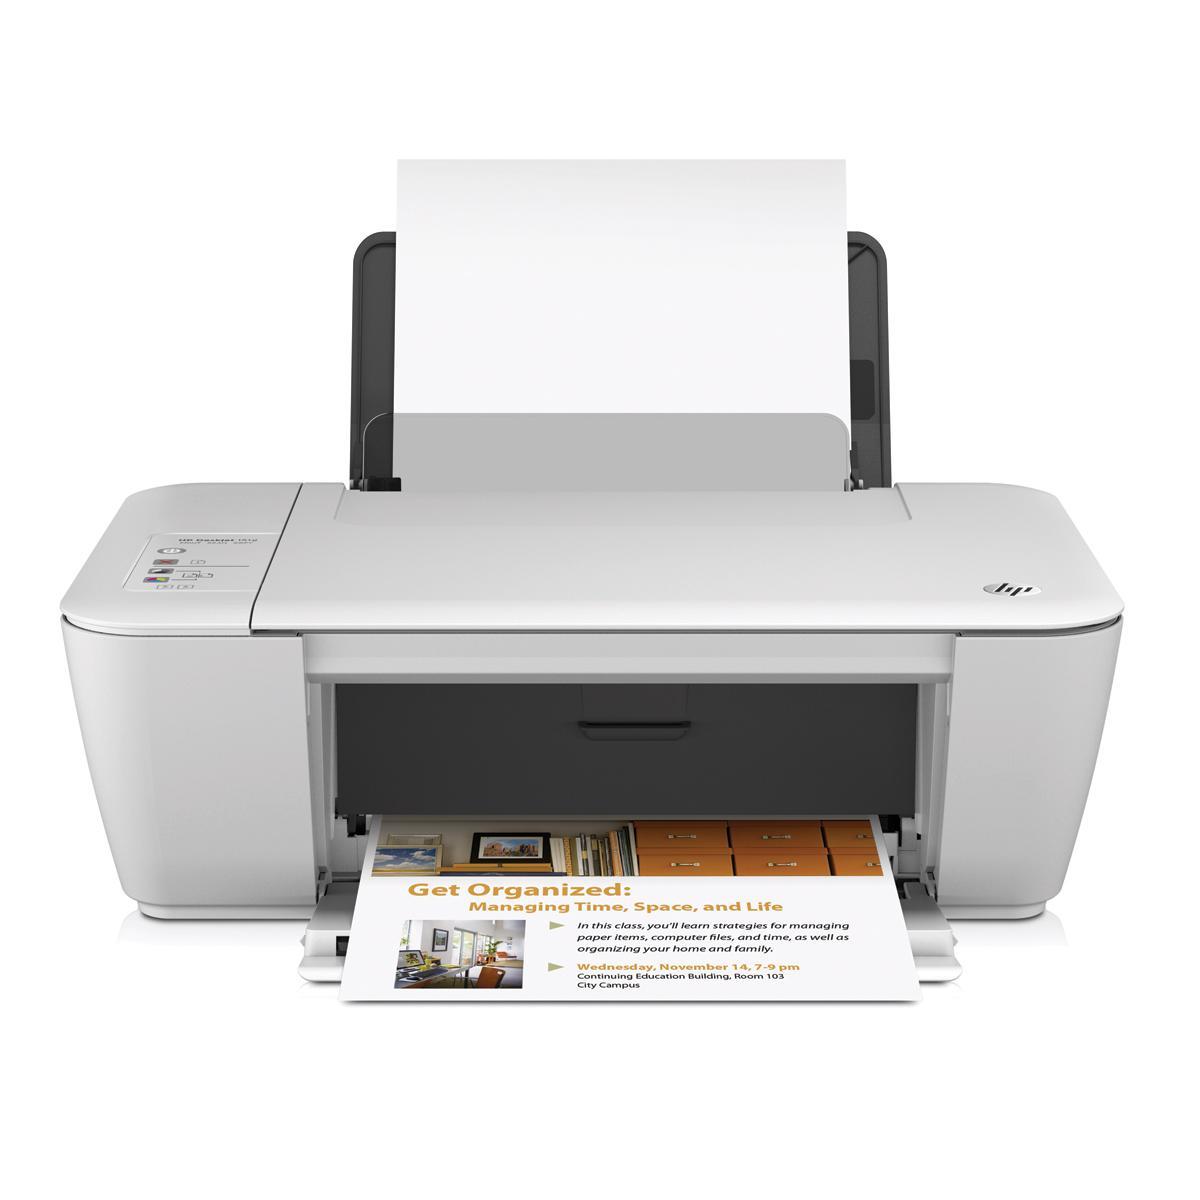 Imprimante multifonctions jet d'encre HP Deskjet 1512 Tout-en-Un